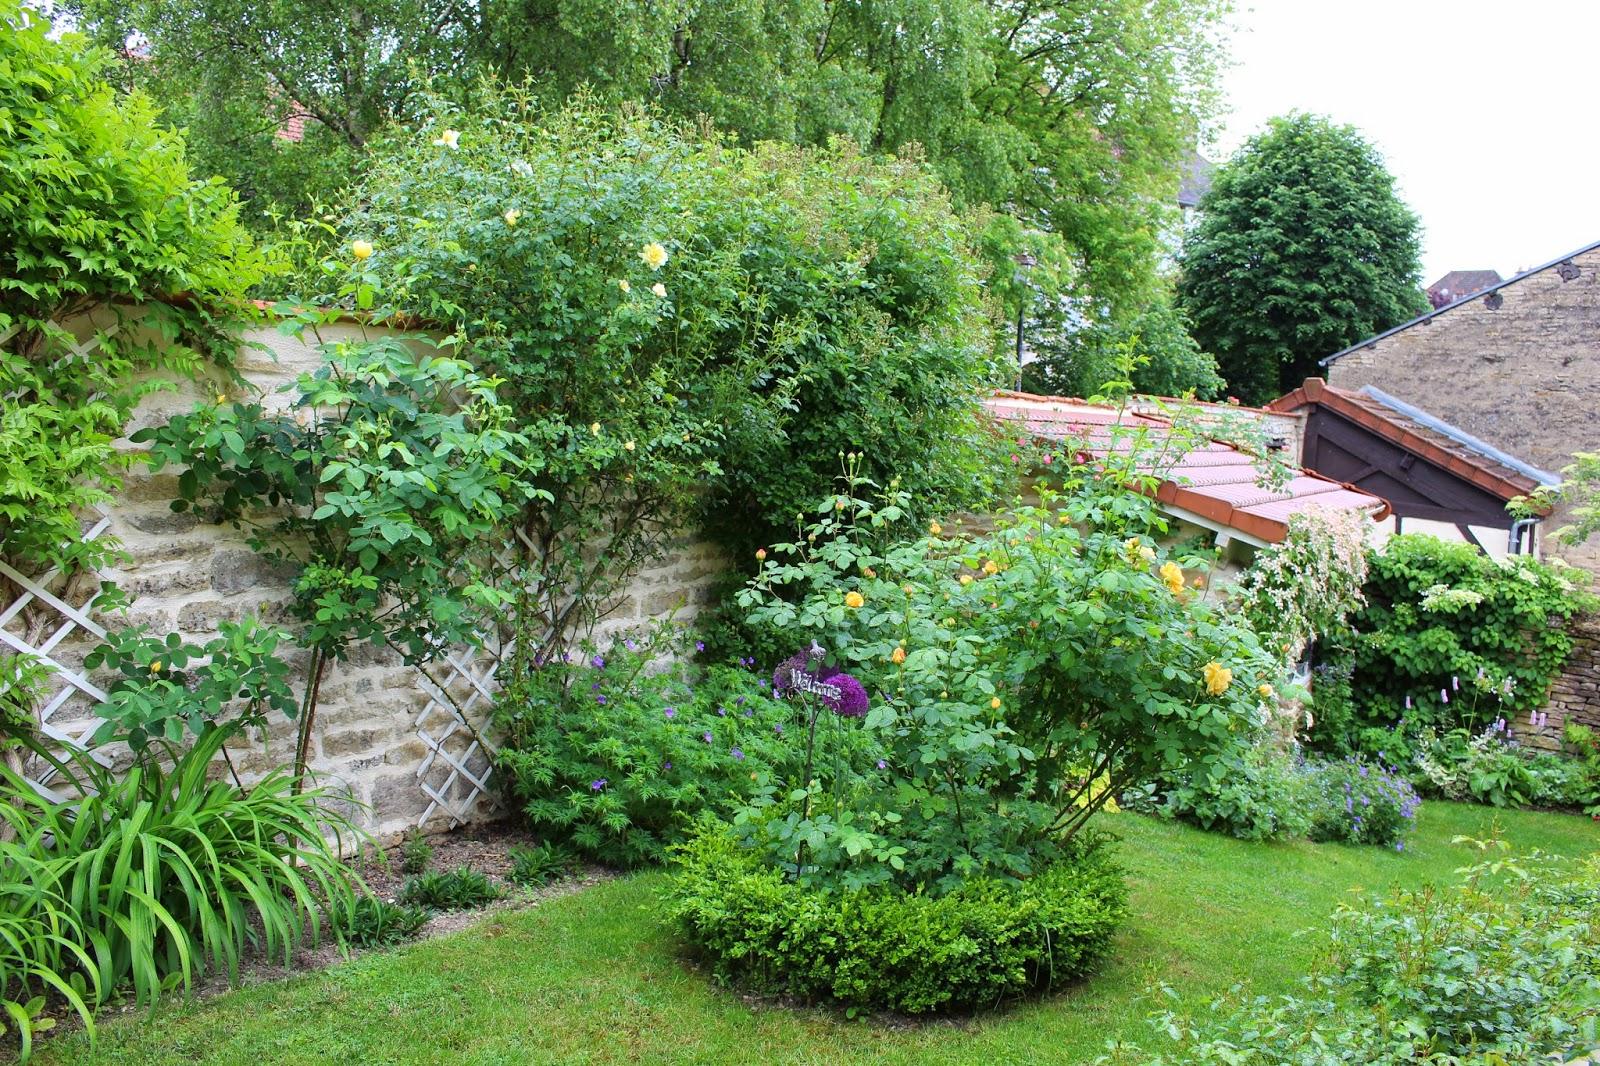 Notre jardin secret le lundi au soleil c 39 est une chose for Au jardin guest house riebeeckstad